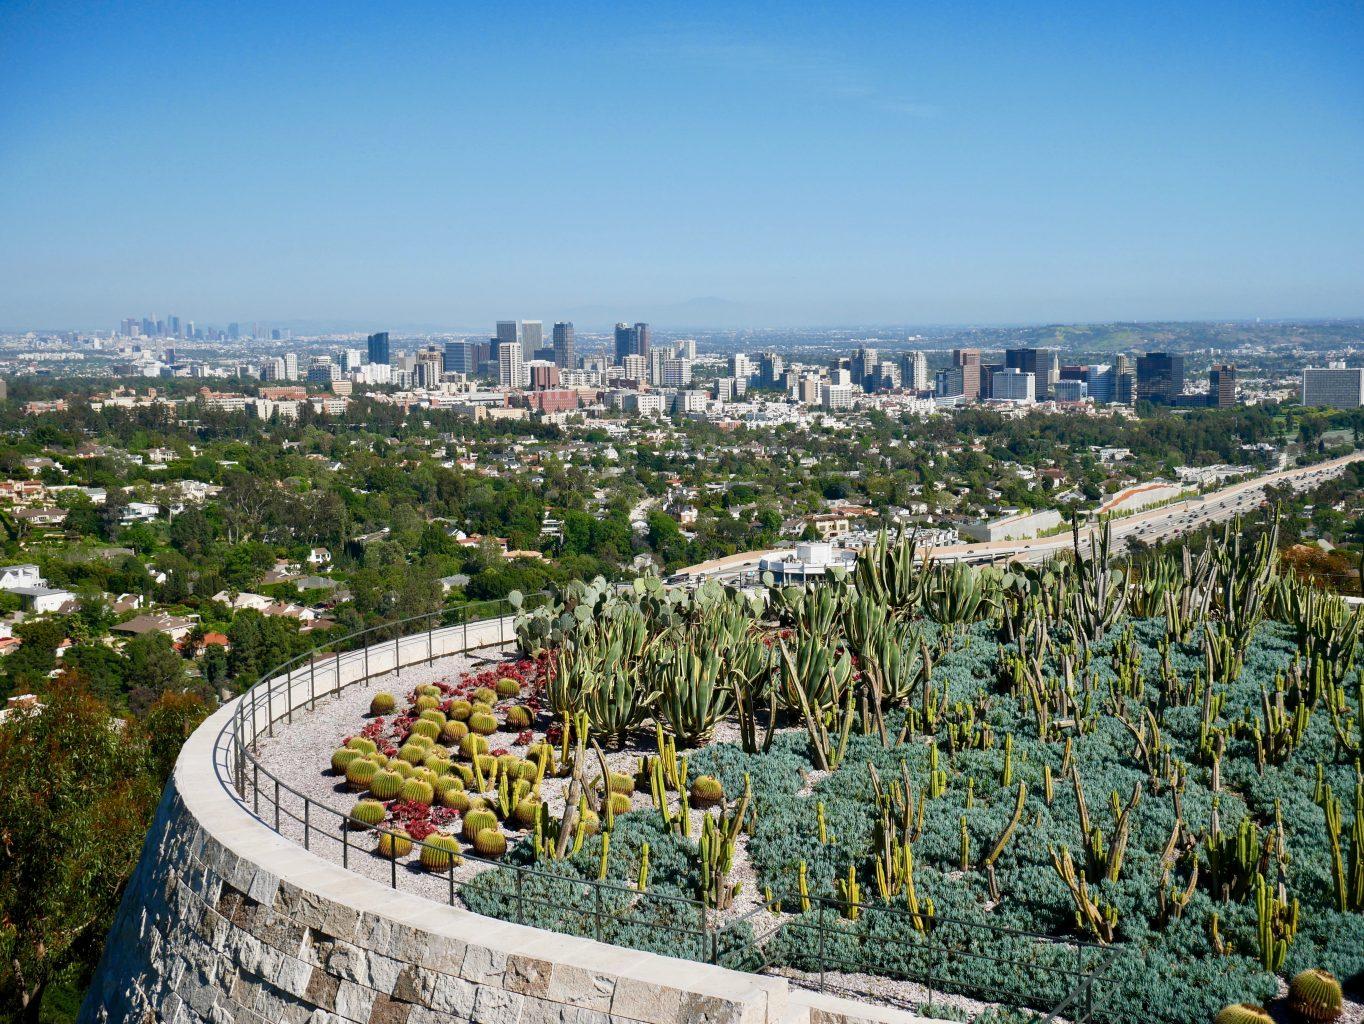 cactus garden getty center